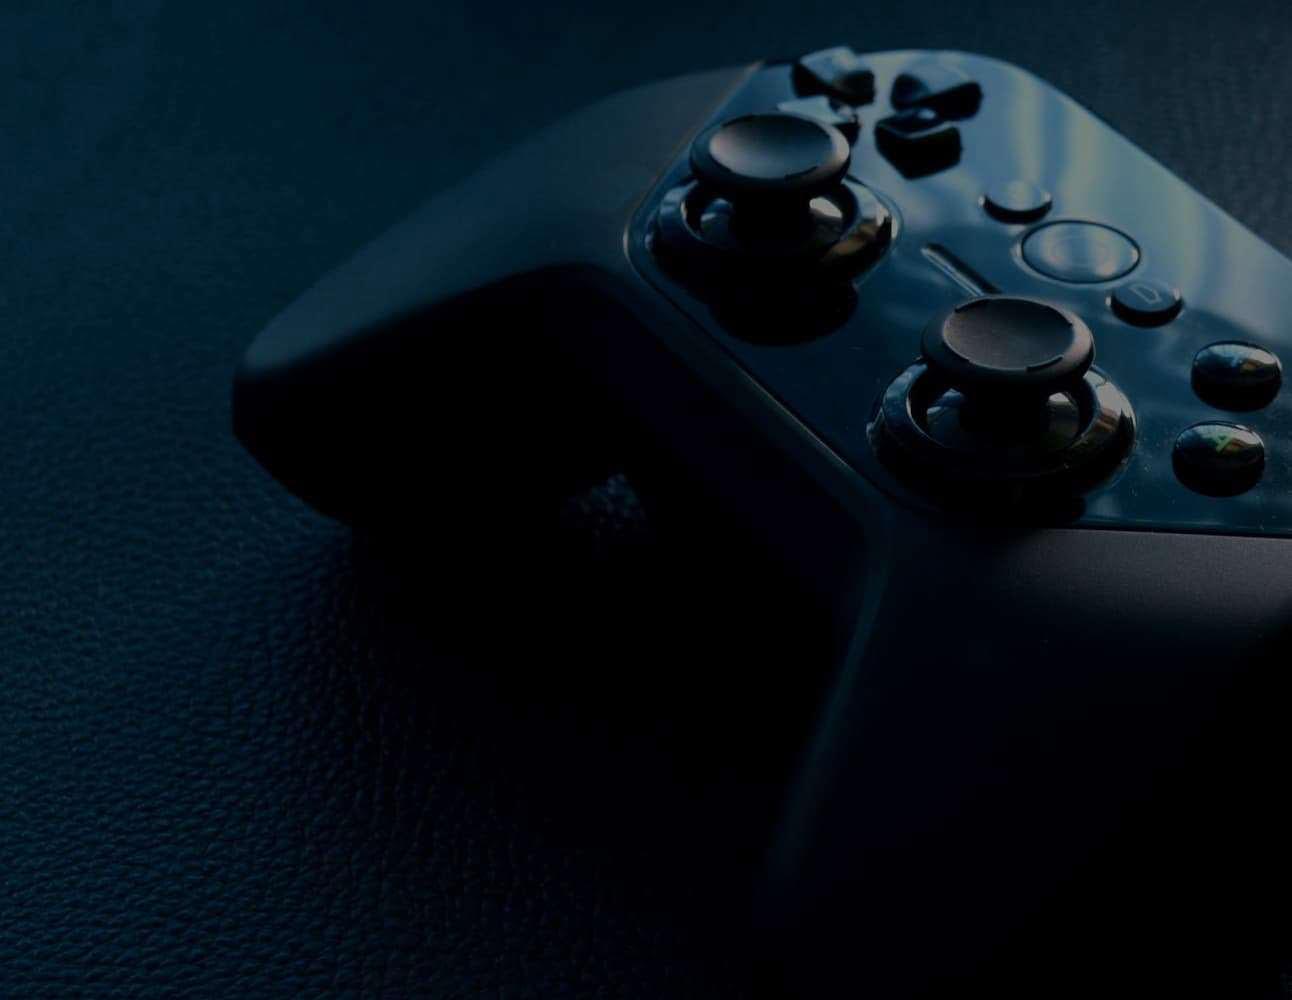 По мнению аналитиков, игровая консоль Nintendo Switch станет самой продаваемой за все время